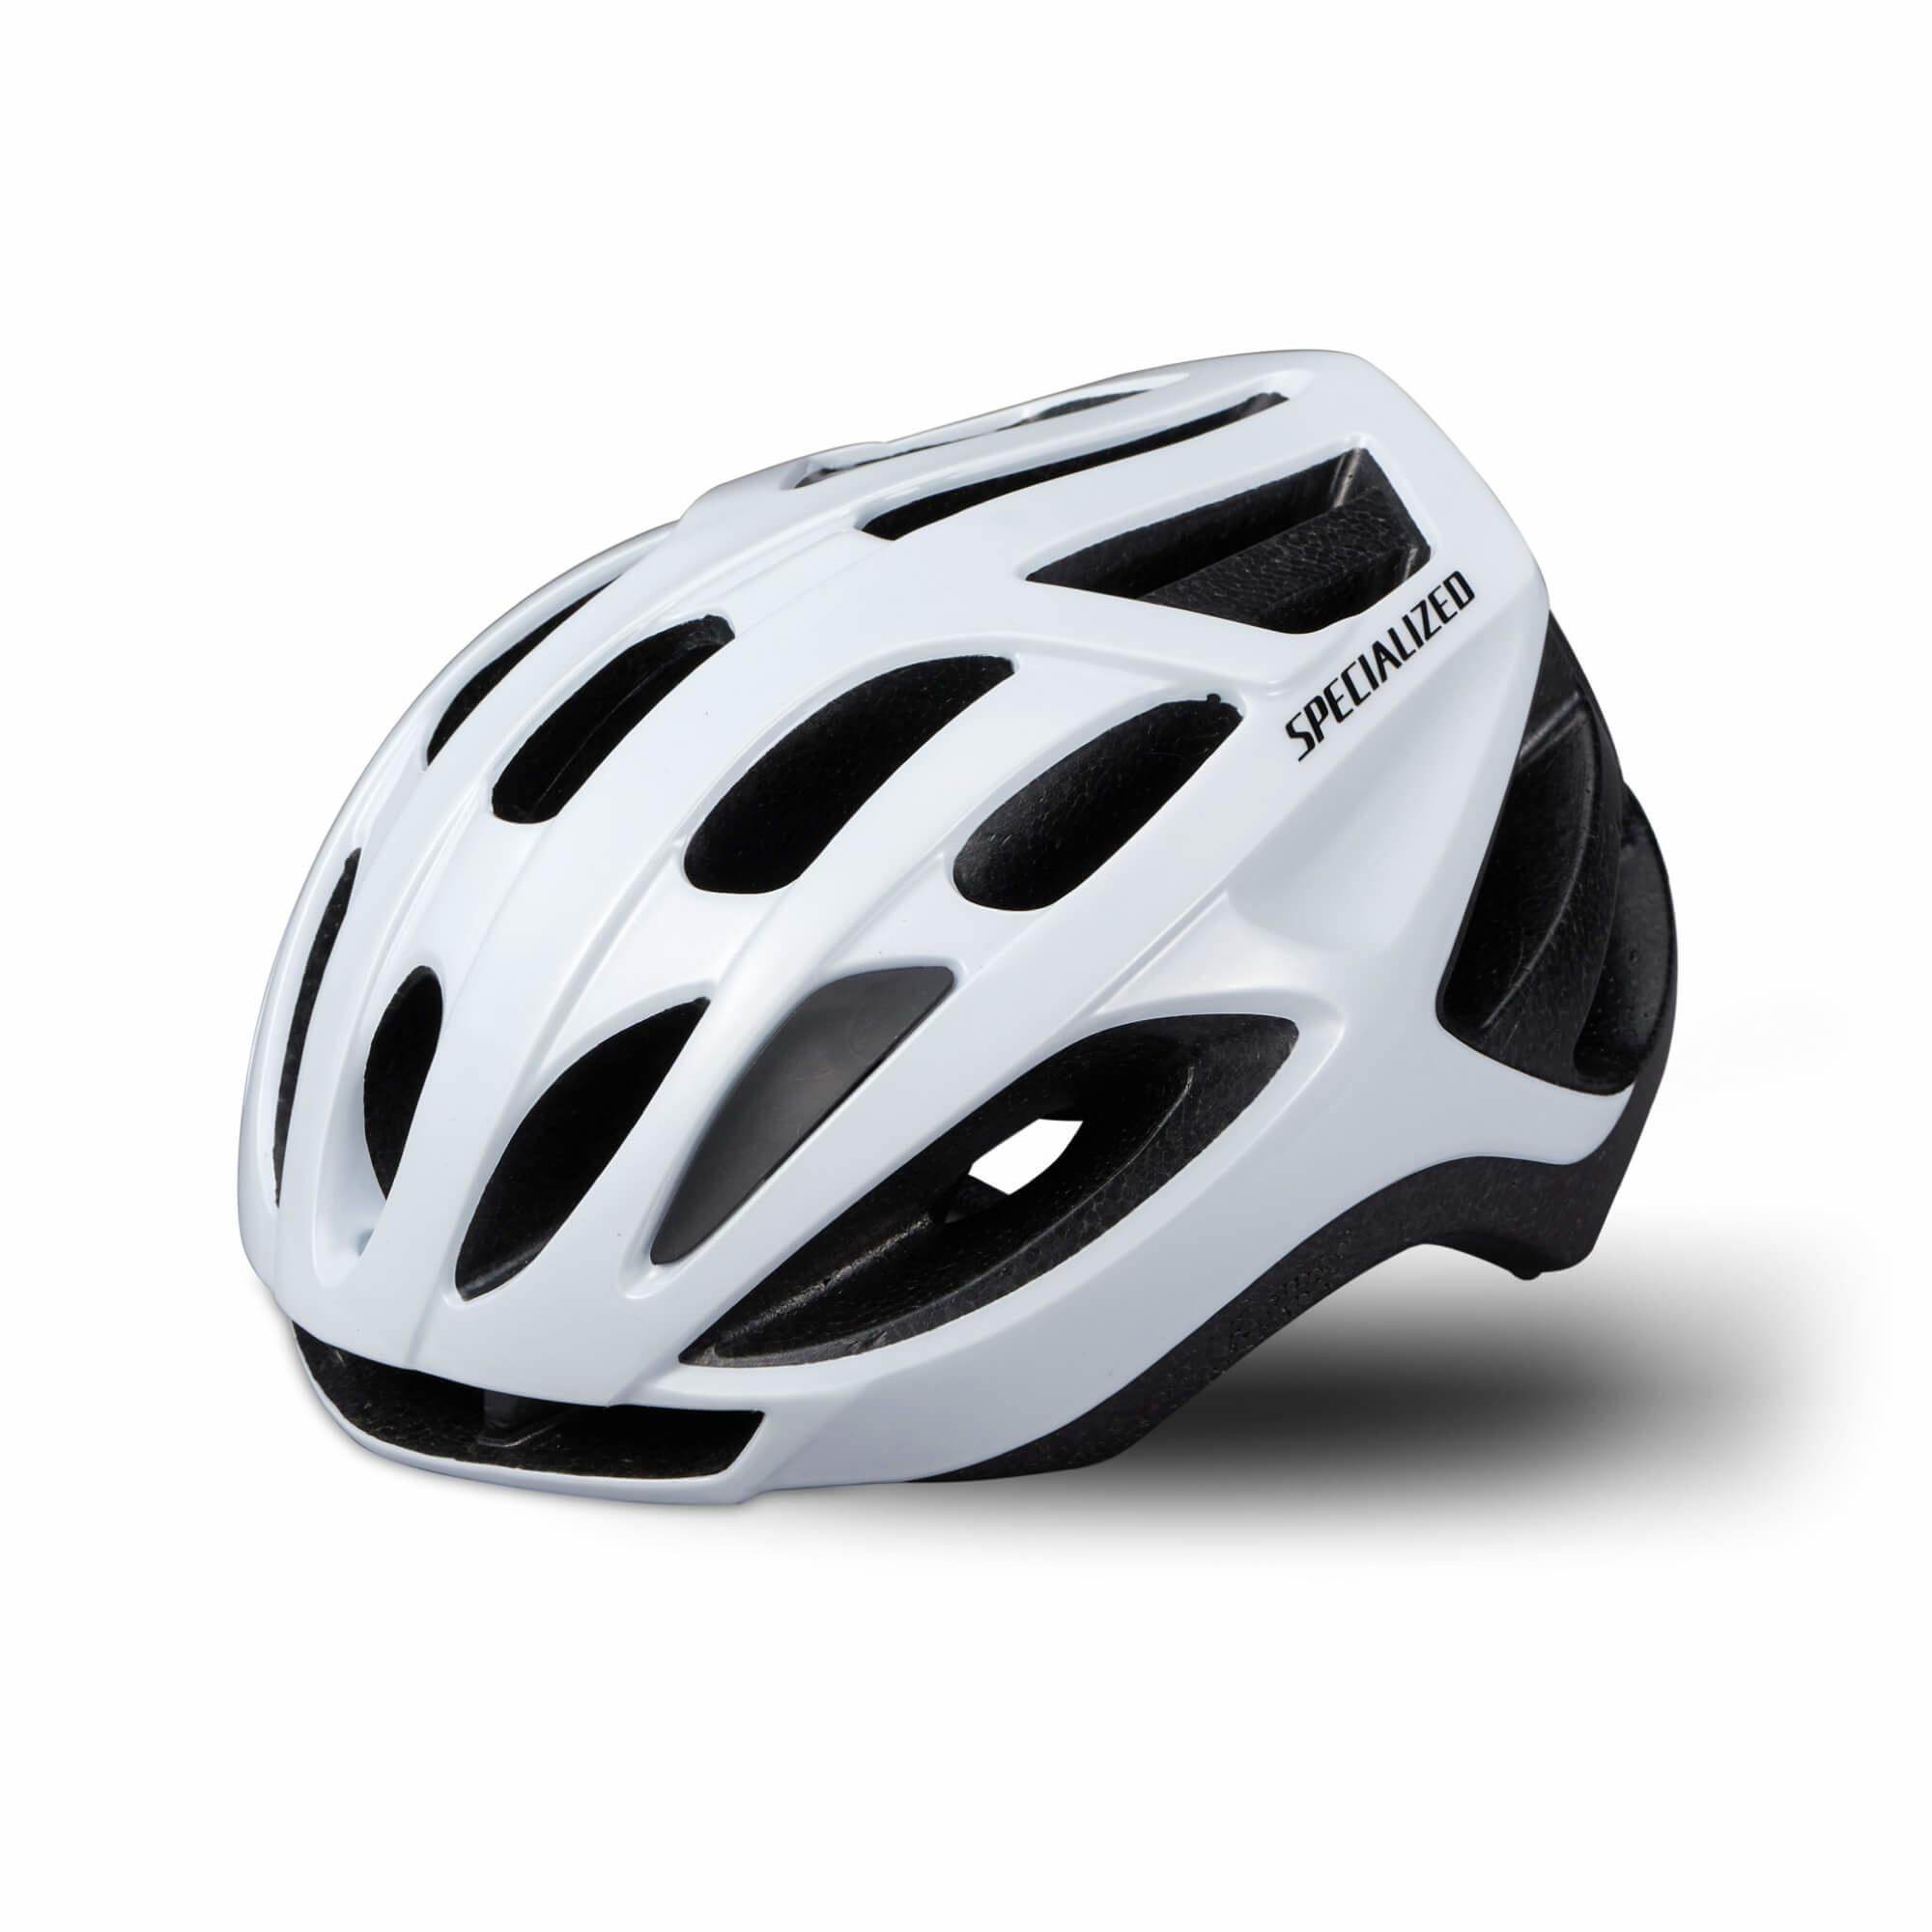 Align Helmet-1